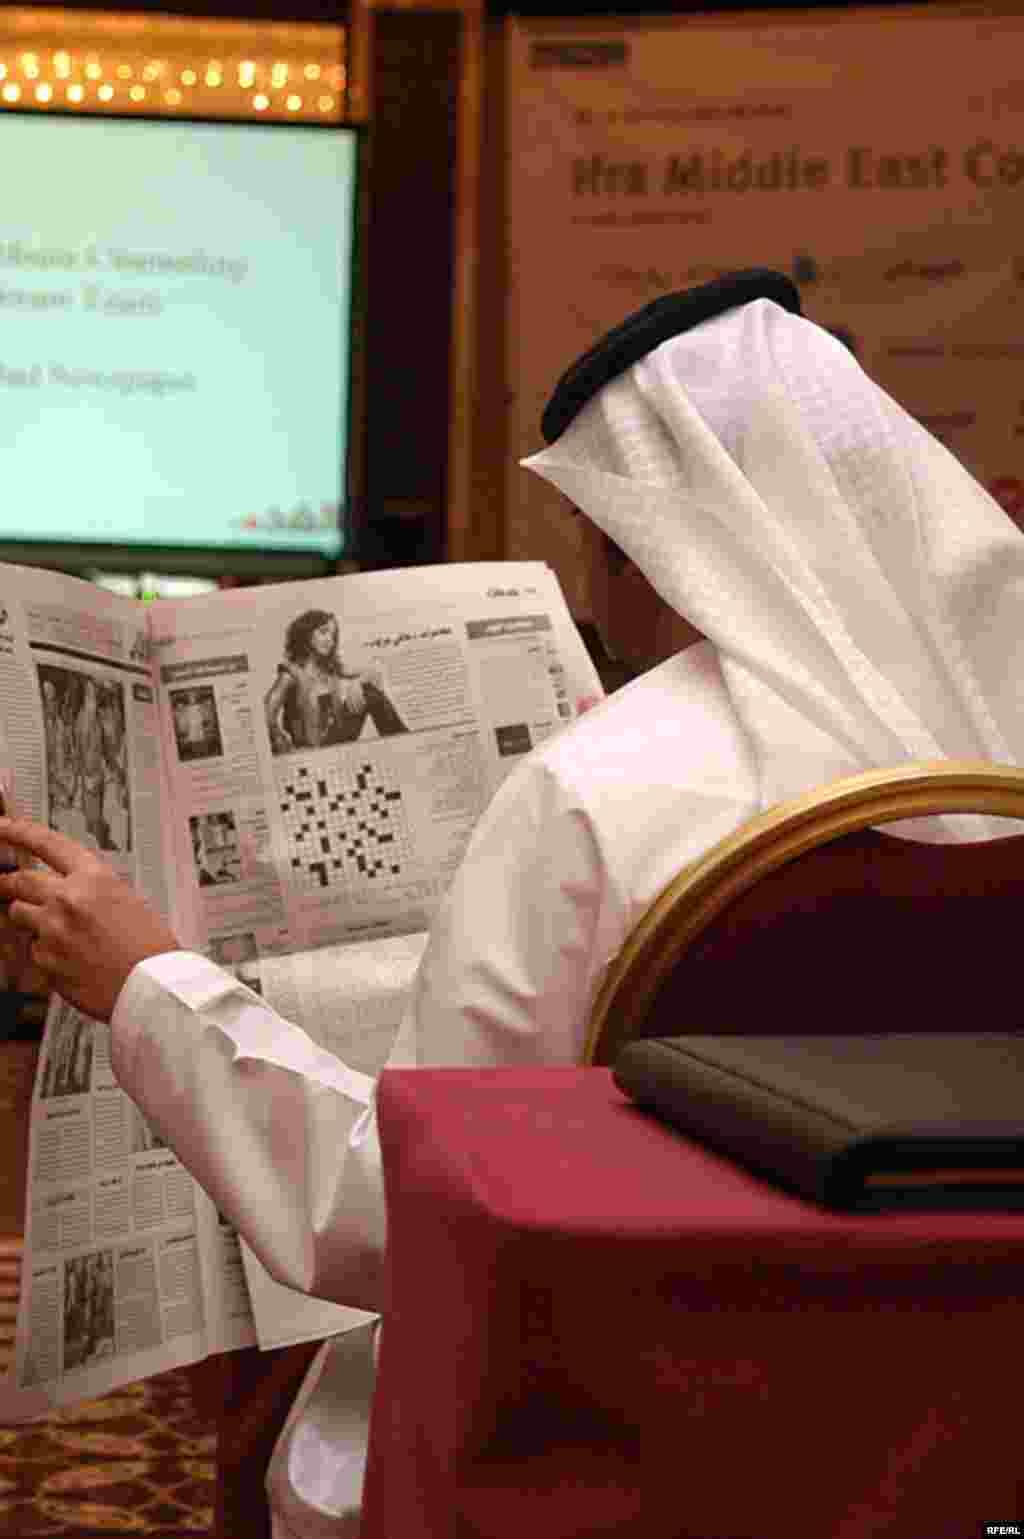 ۸۰درصد مطبوعات دبی به زبان انگليسی منتشر می شوند